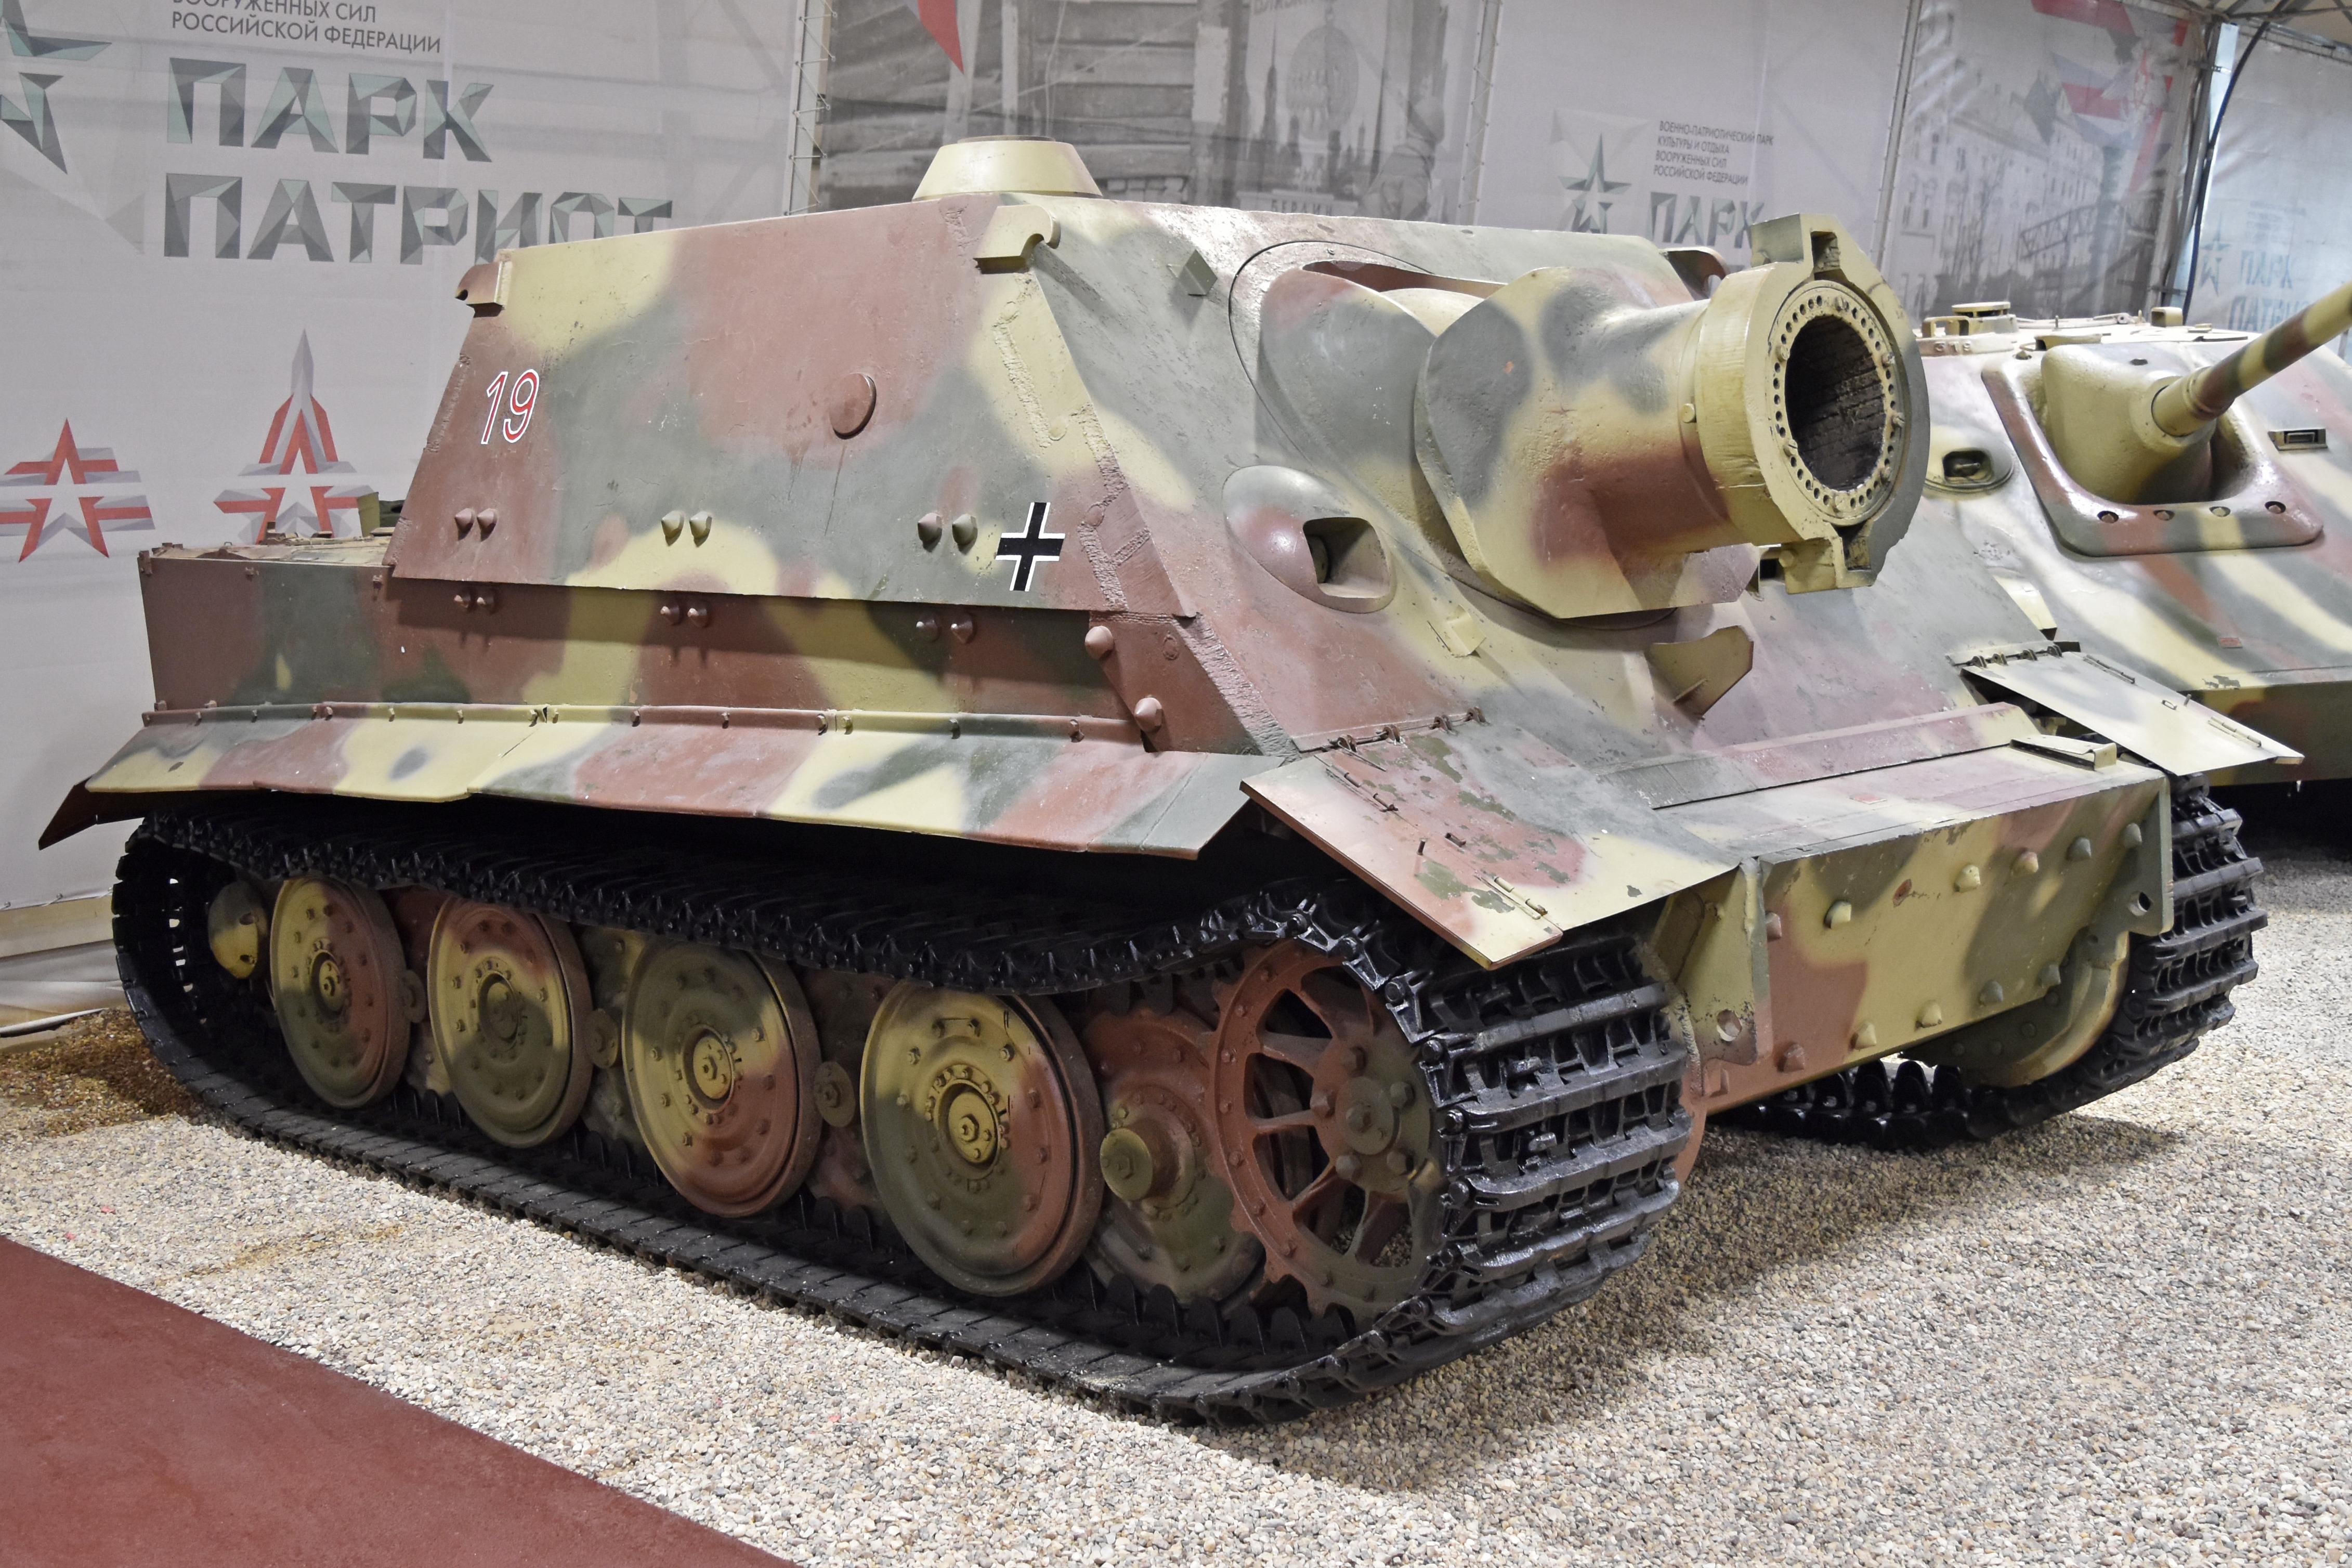 Sturmtiger_%E2%80%9919_red%E2%80%99_%28s-n_205543%29_%E2%80%93_Patriot_Museum%2C_Kubinka_%2838240142916%29.jpg